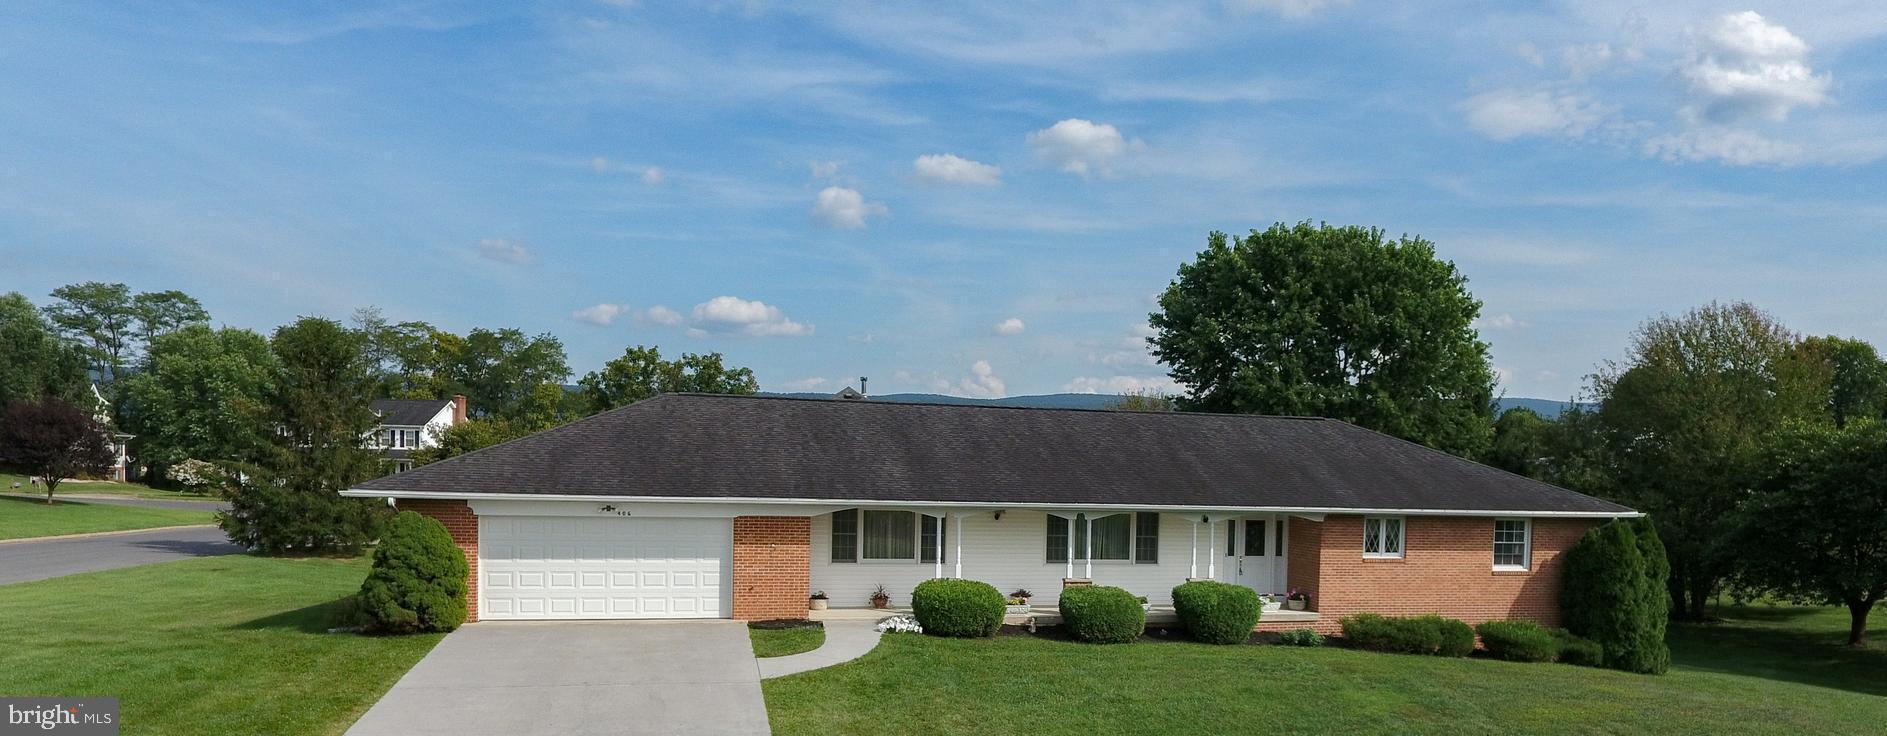 406 EPARD LANE, WOODSTOCK, VA 22664